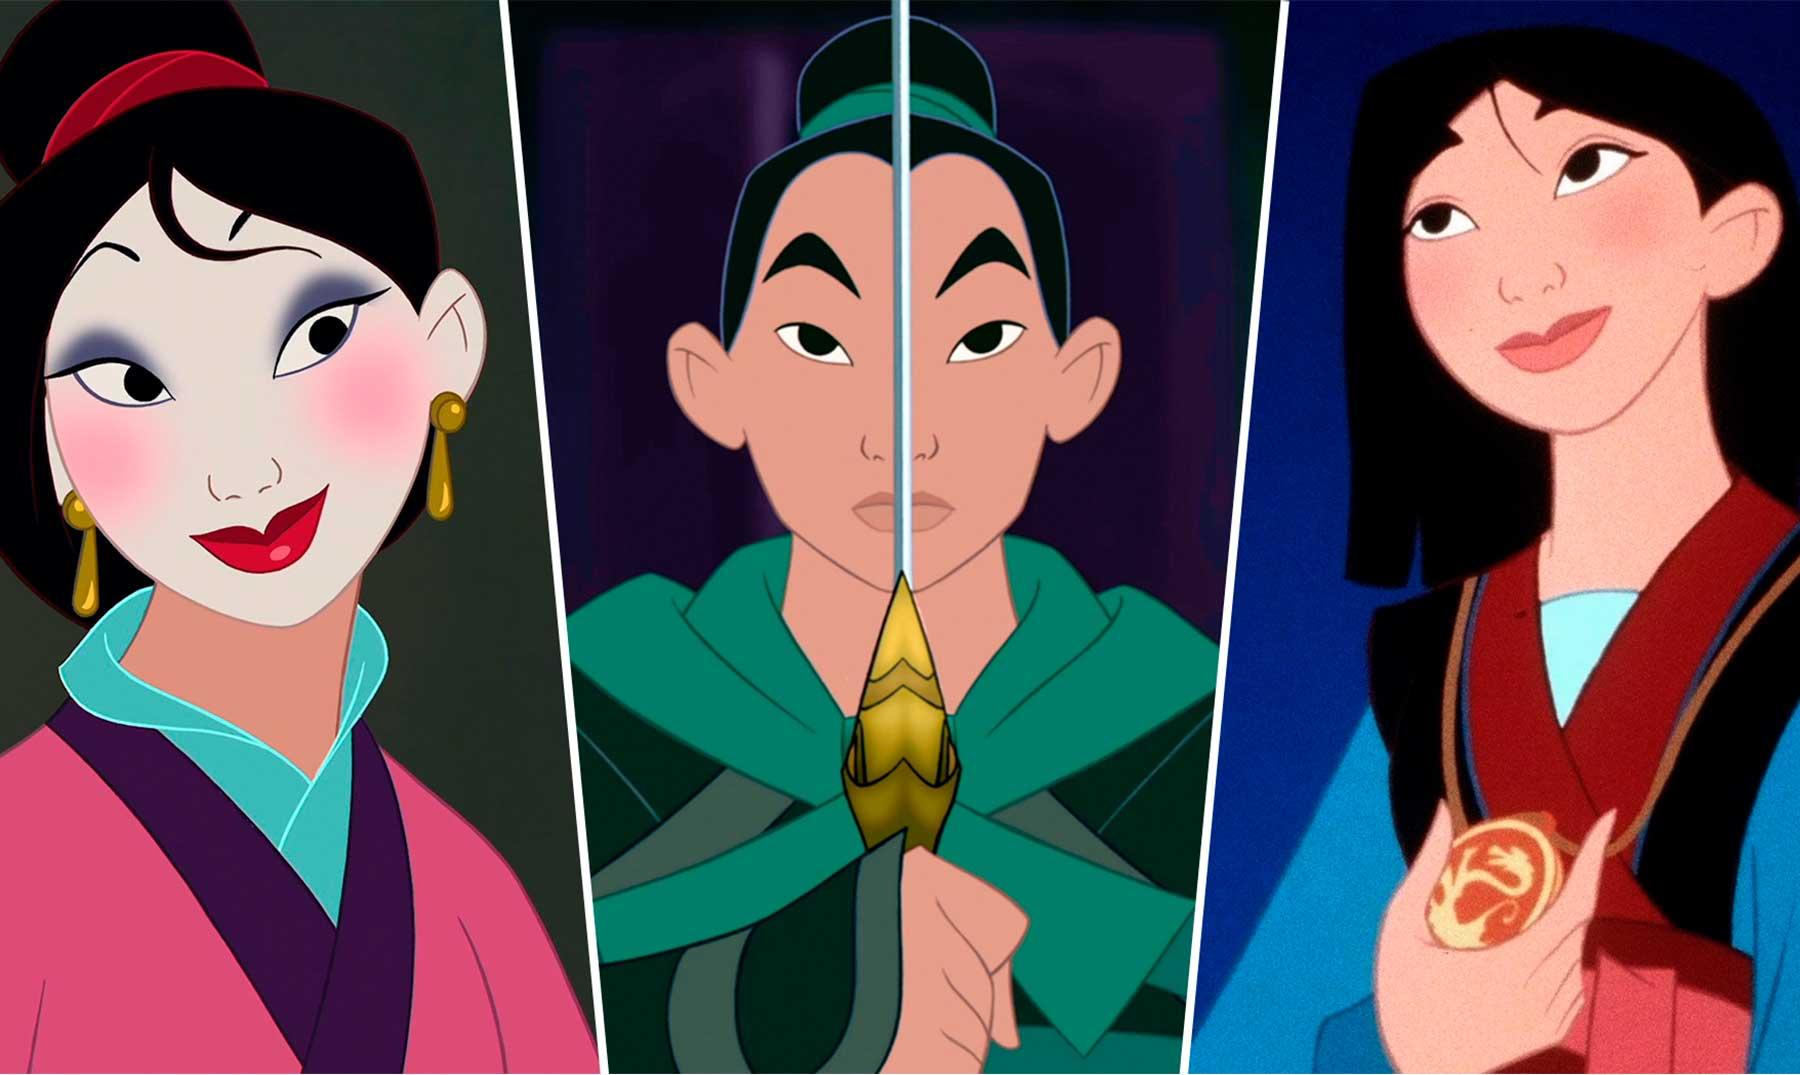 70 Frases De Mulán La Princesa Guerrera Que No Pertenece A